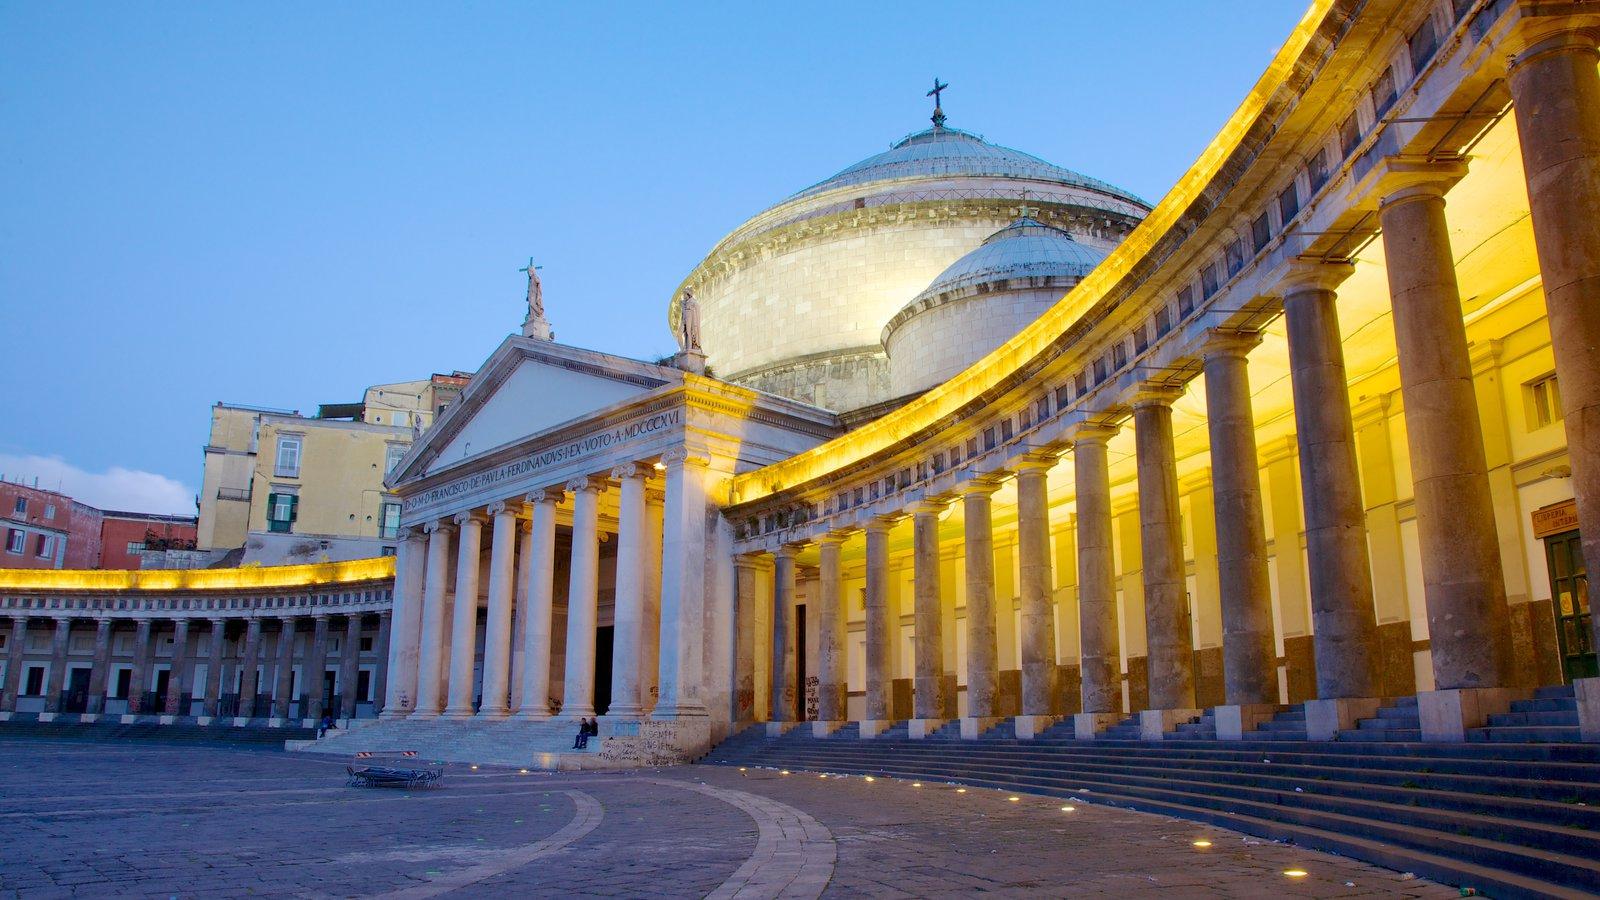 San Francesco di Paola que inclui cenas noturnas, uma igreja ou catedral e uma praça ou plaza